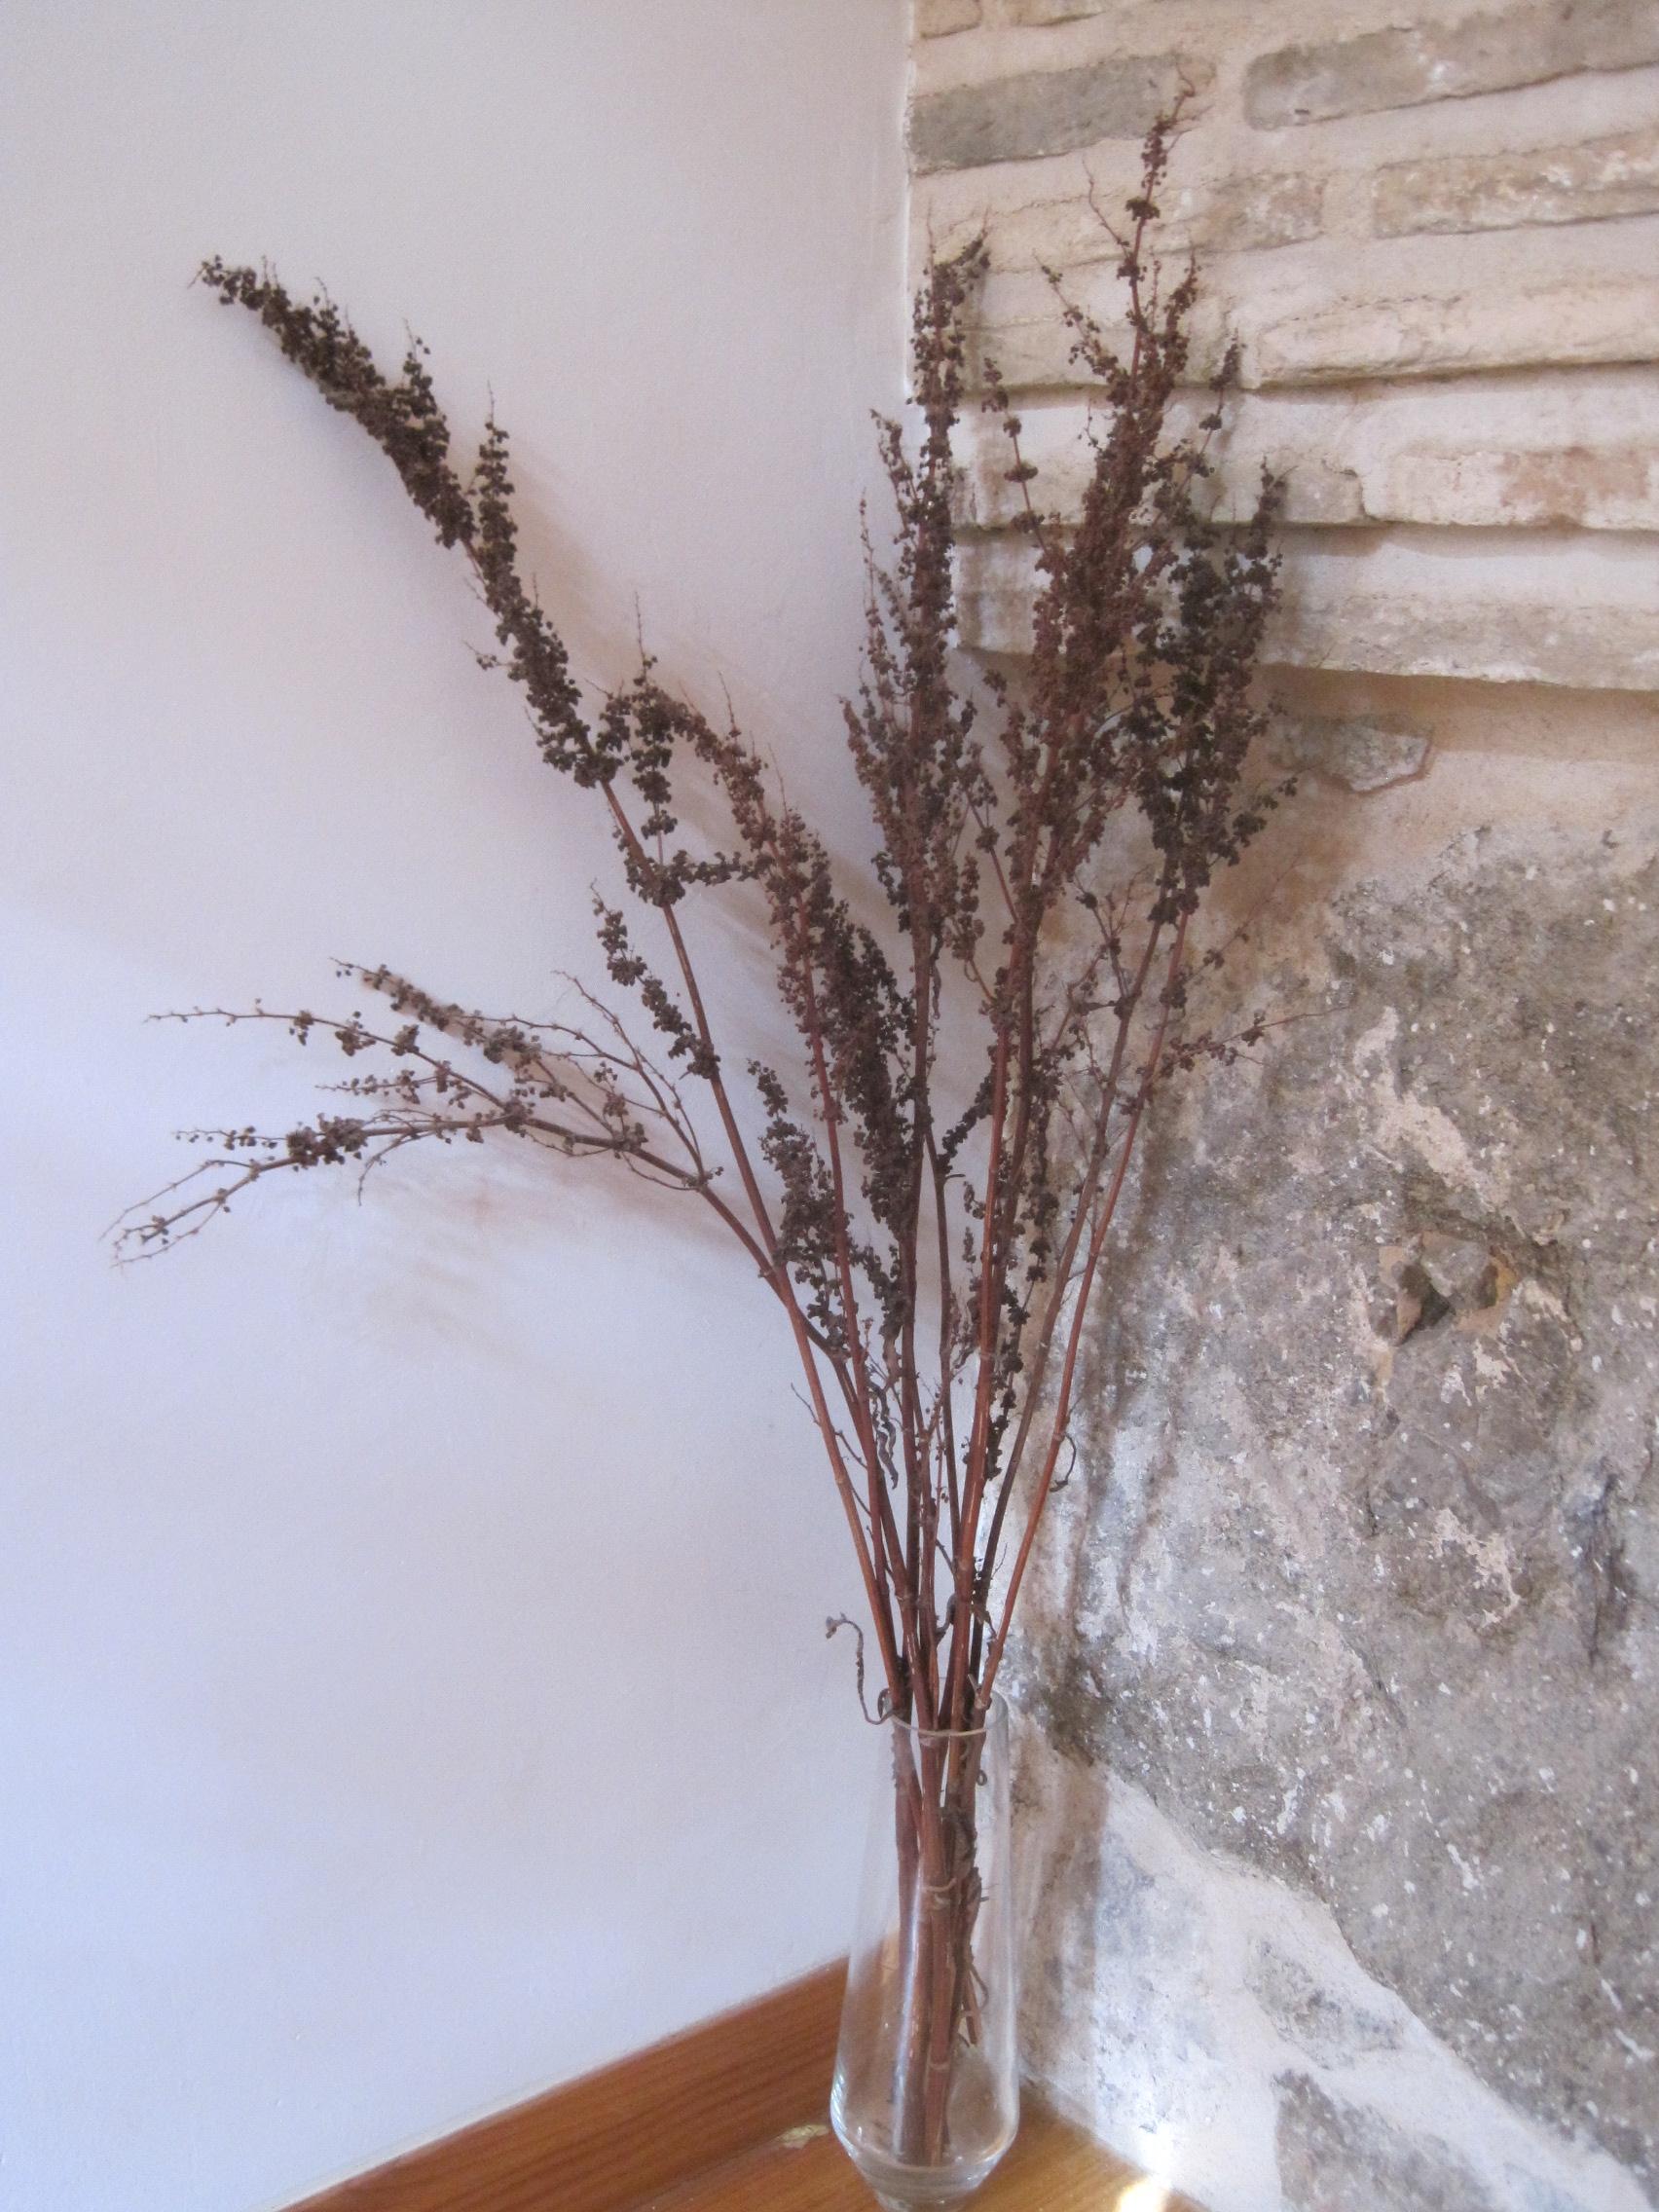 Flor seca prensada xiv siemprevivas flores sencillas que nos acompa an siempre - Plantas secas decoracion ...